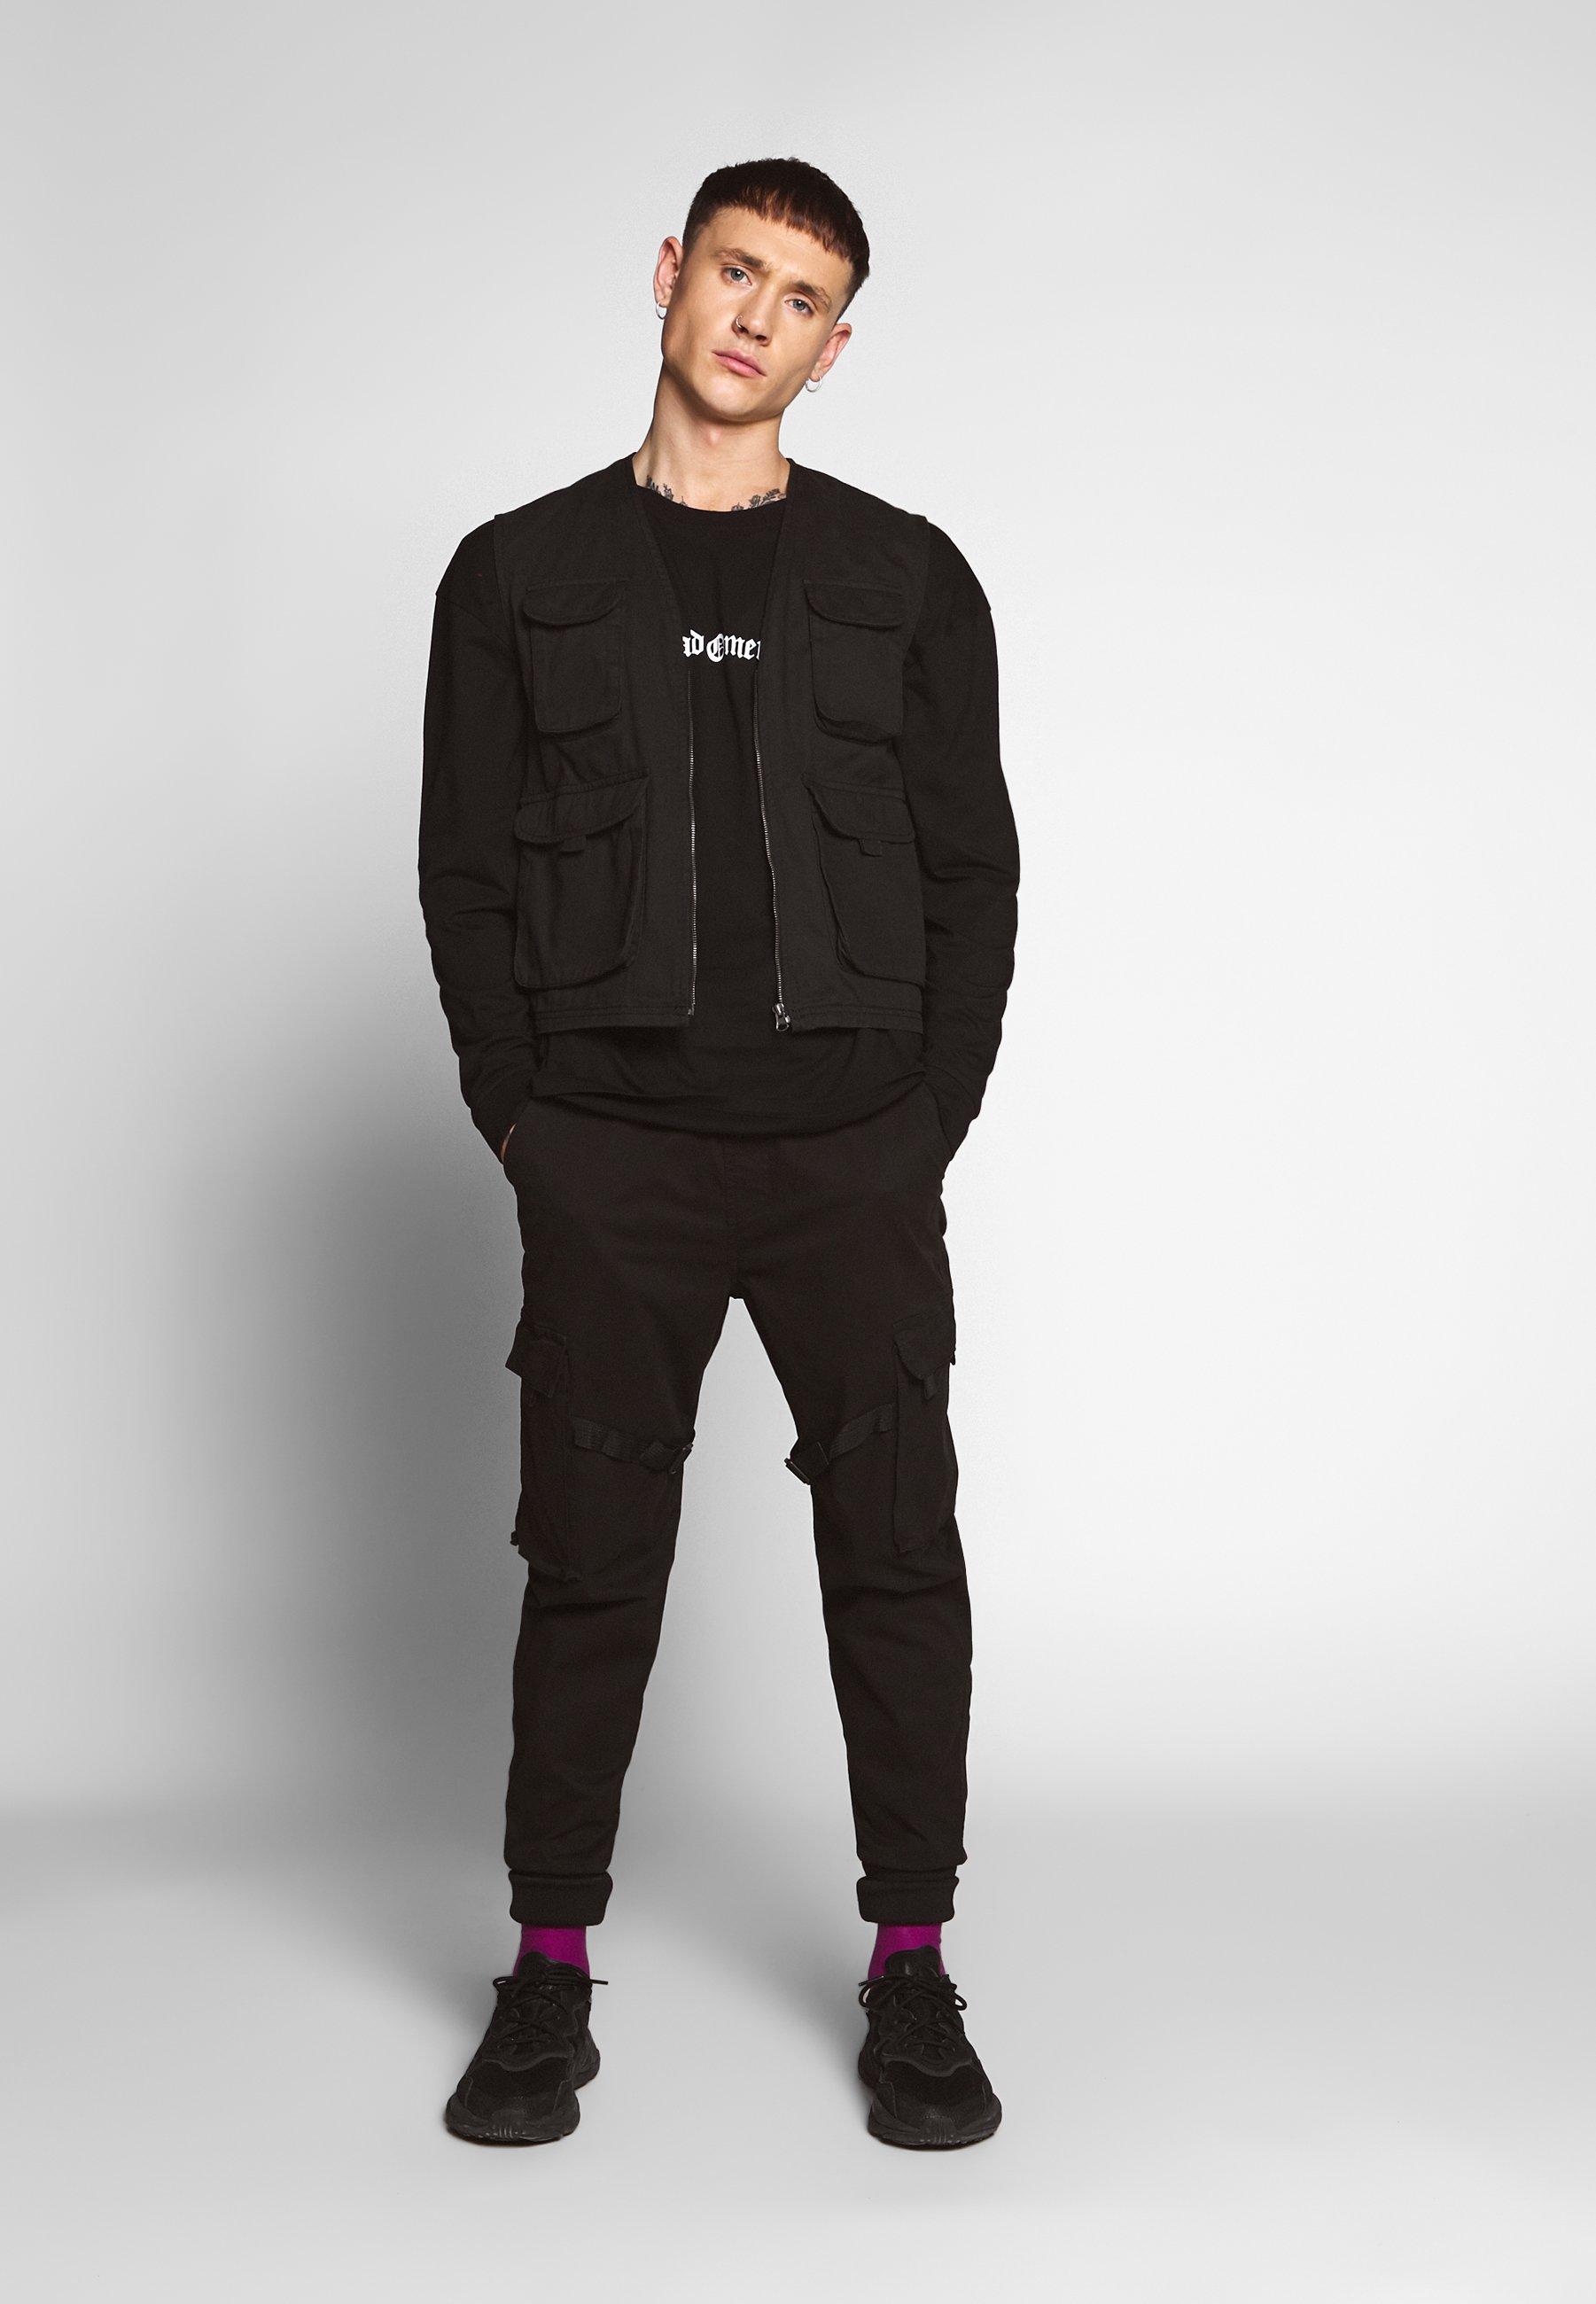 Revival Tee Bad Omens - Long Sleeved Top Black